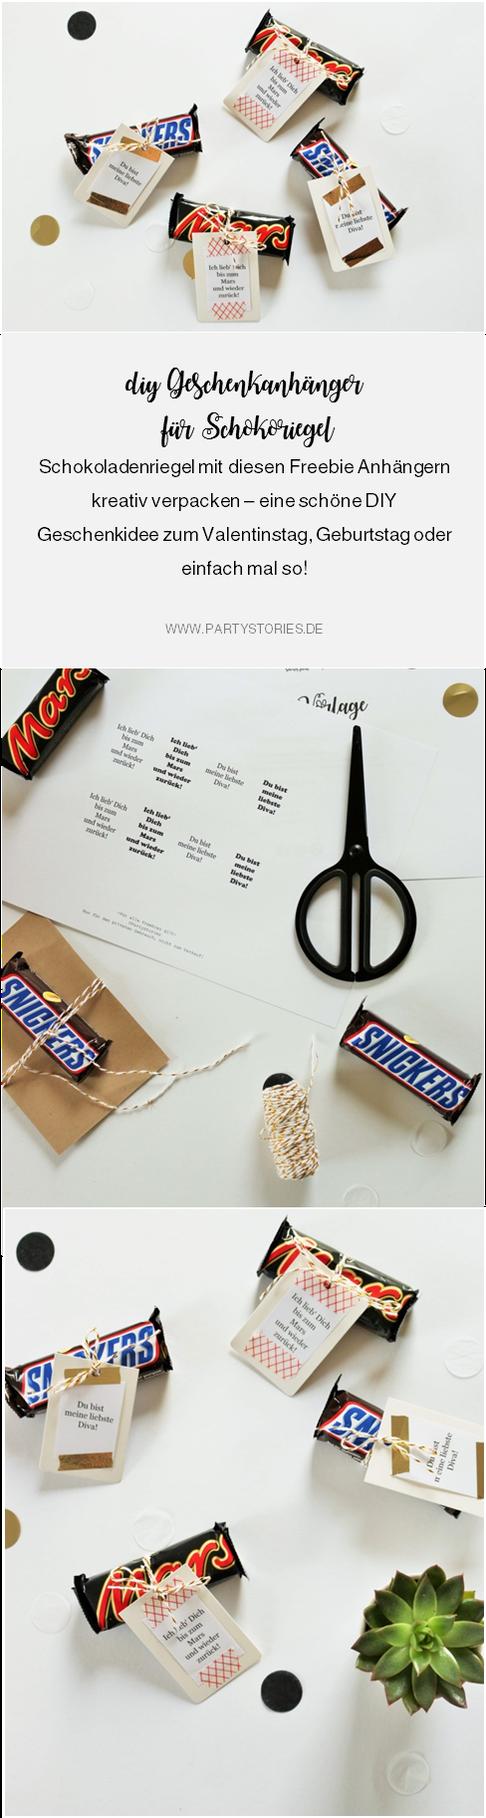 DIY Geschenk Idee mit Schokolade // So einfach kannst Du Schokoriegel schön verpacken und verschenken, mit Freebie Bastelvorlage für Geschenkanhänger! (gefunden auf www.partystories.de)